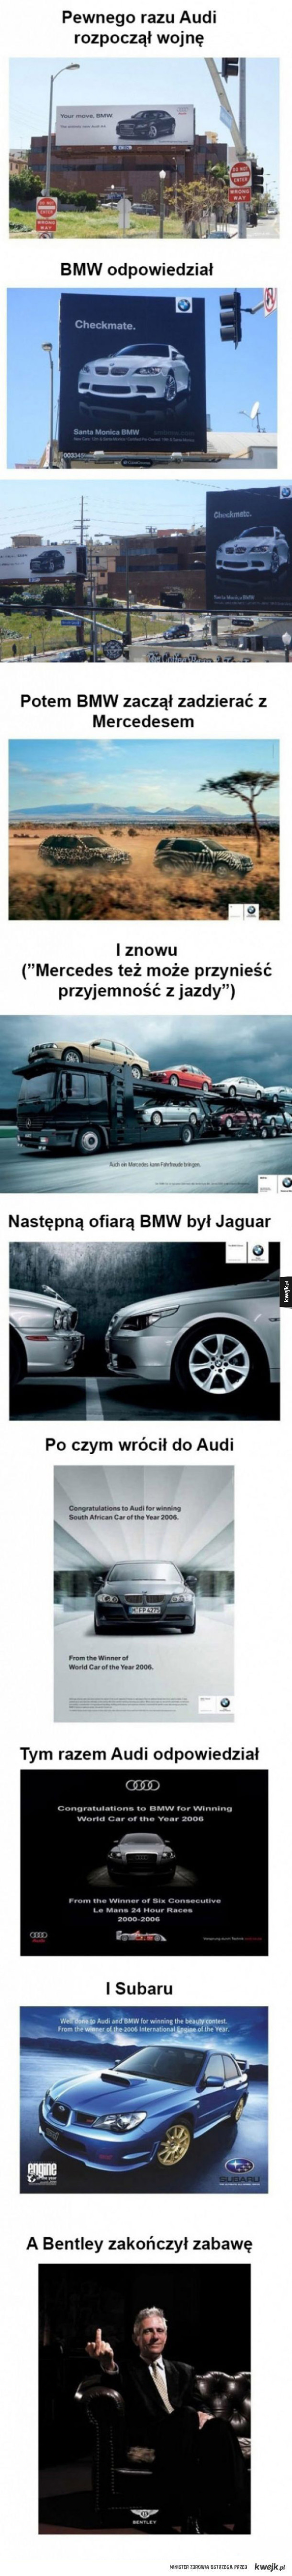 Wojna BMW z Audi